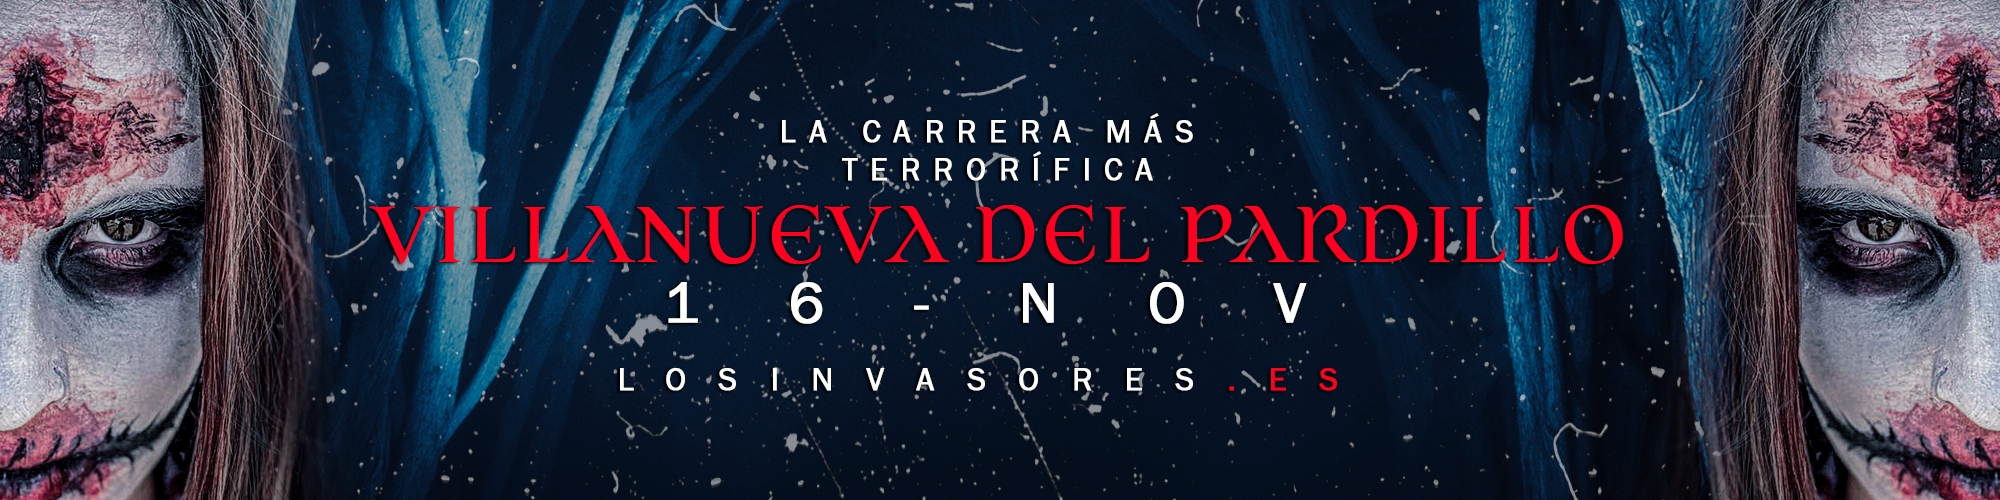 LOS INVASORES en Villanueva del Pardillo 1st Edition 16-11-2019